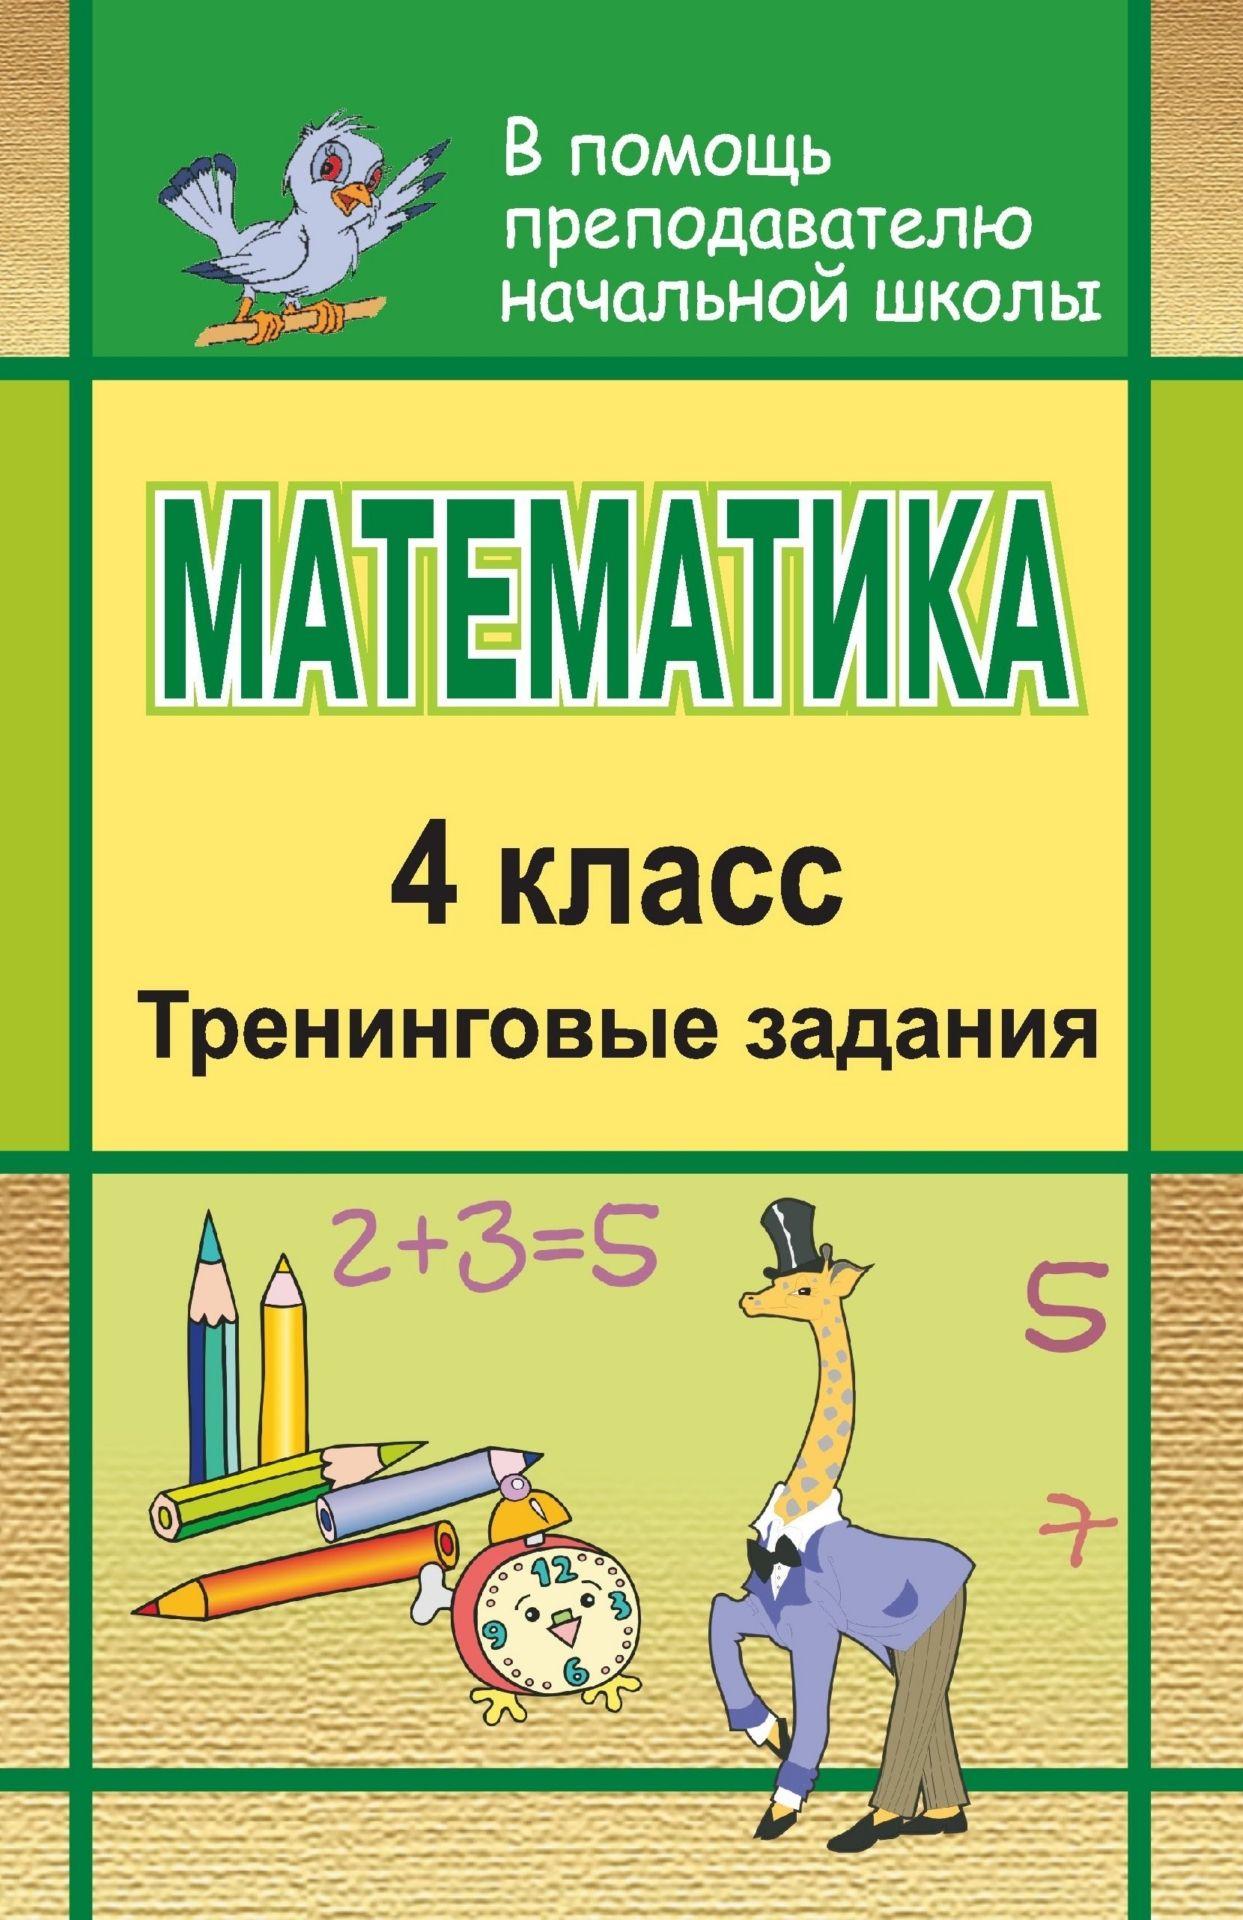 Математика. 4 кл. Тренинговые заданияПредметы<br>Предлагаемое пособие содержит тренинговые задания по математике для учащихся 4 классов, составленные по всем разделам программы, с учетом нарастания трудности.Тесты-упражнения помогут быстро и эффективно проверить знания учащихся и закрепить пройденный ма...<br><br>Авторы: др., Лободина Н. В., Малахова М. М.<br>Год: 2007<br>Серия: В помощь преподавателю начальной школы<br>ISBN: 978-5-7057-1256-4<br>Высота: 213<br>Ширина: 138<br>Толщина: 10